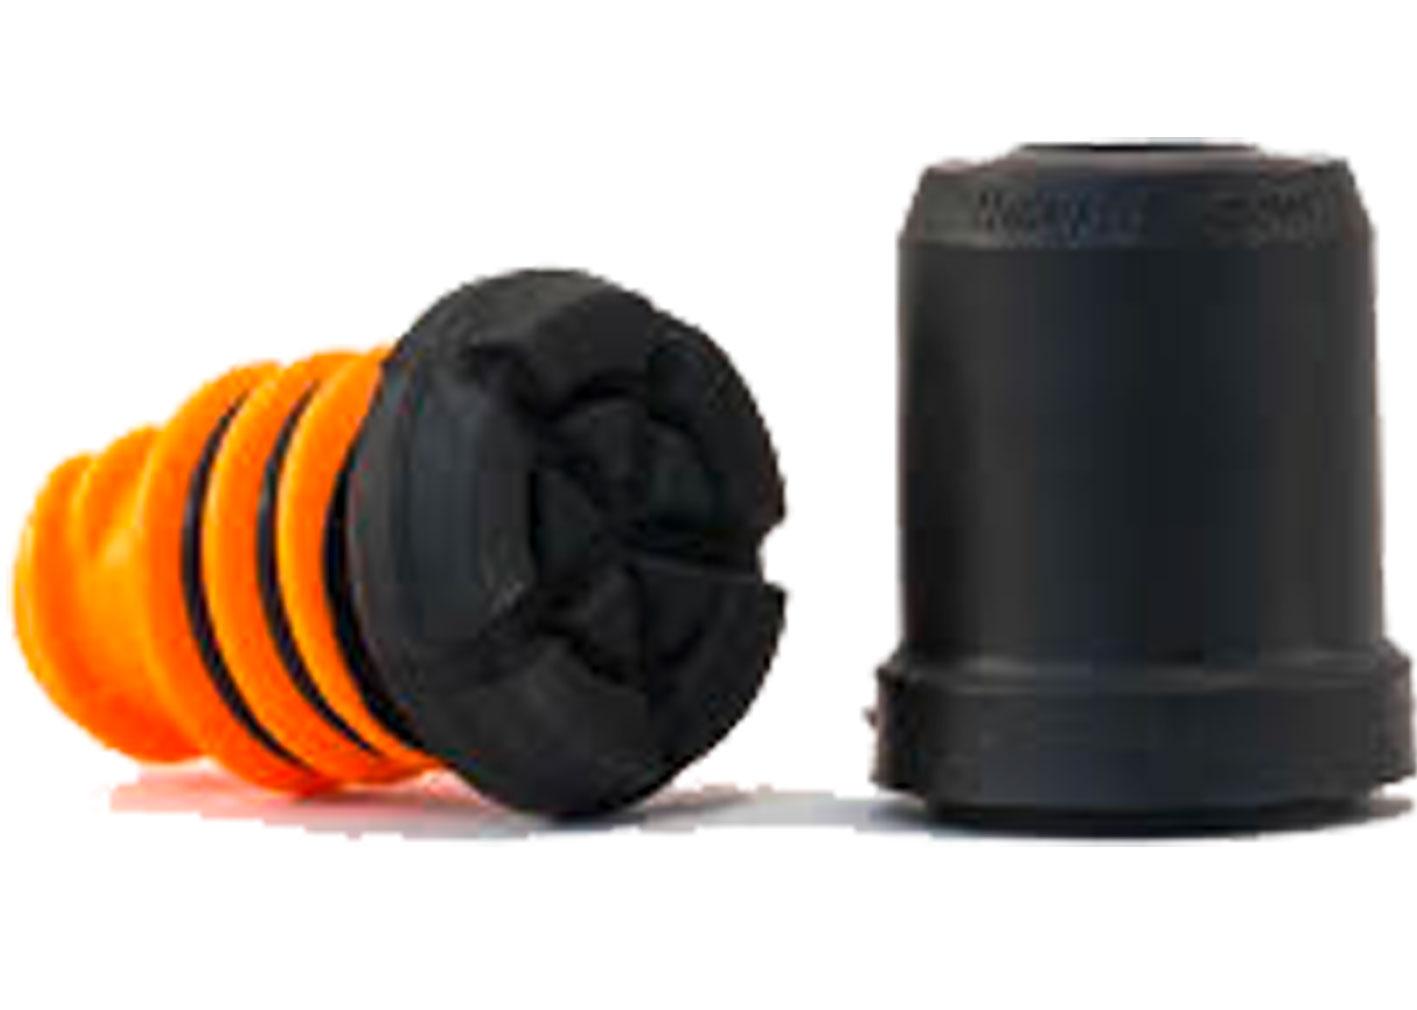 Duurzamer dan traditionele rubberdoppen; onderste voetstuk is eenvoudig te vervangen